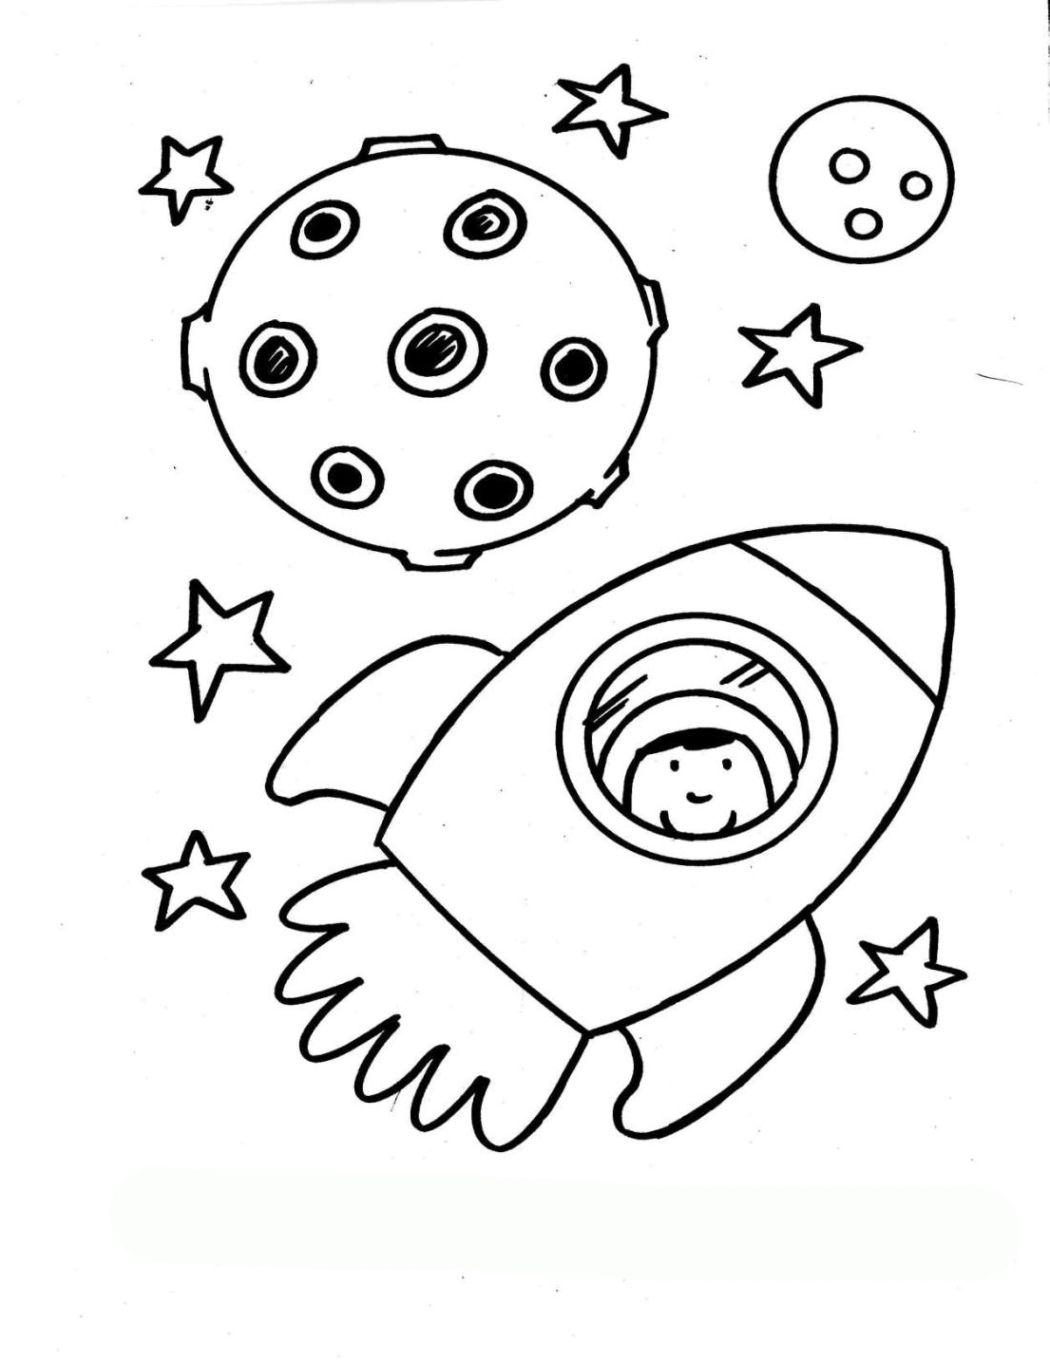 Ausmalbilder Rakete Malvorlagen 1 | Nur so / Vorlagen | Pinterest ...